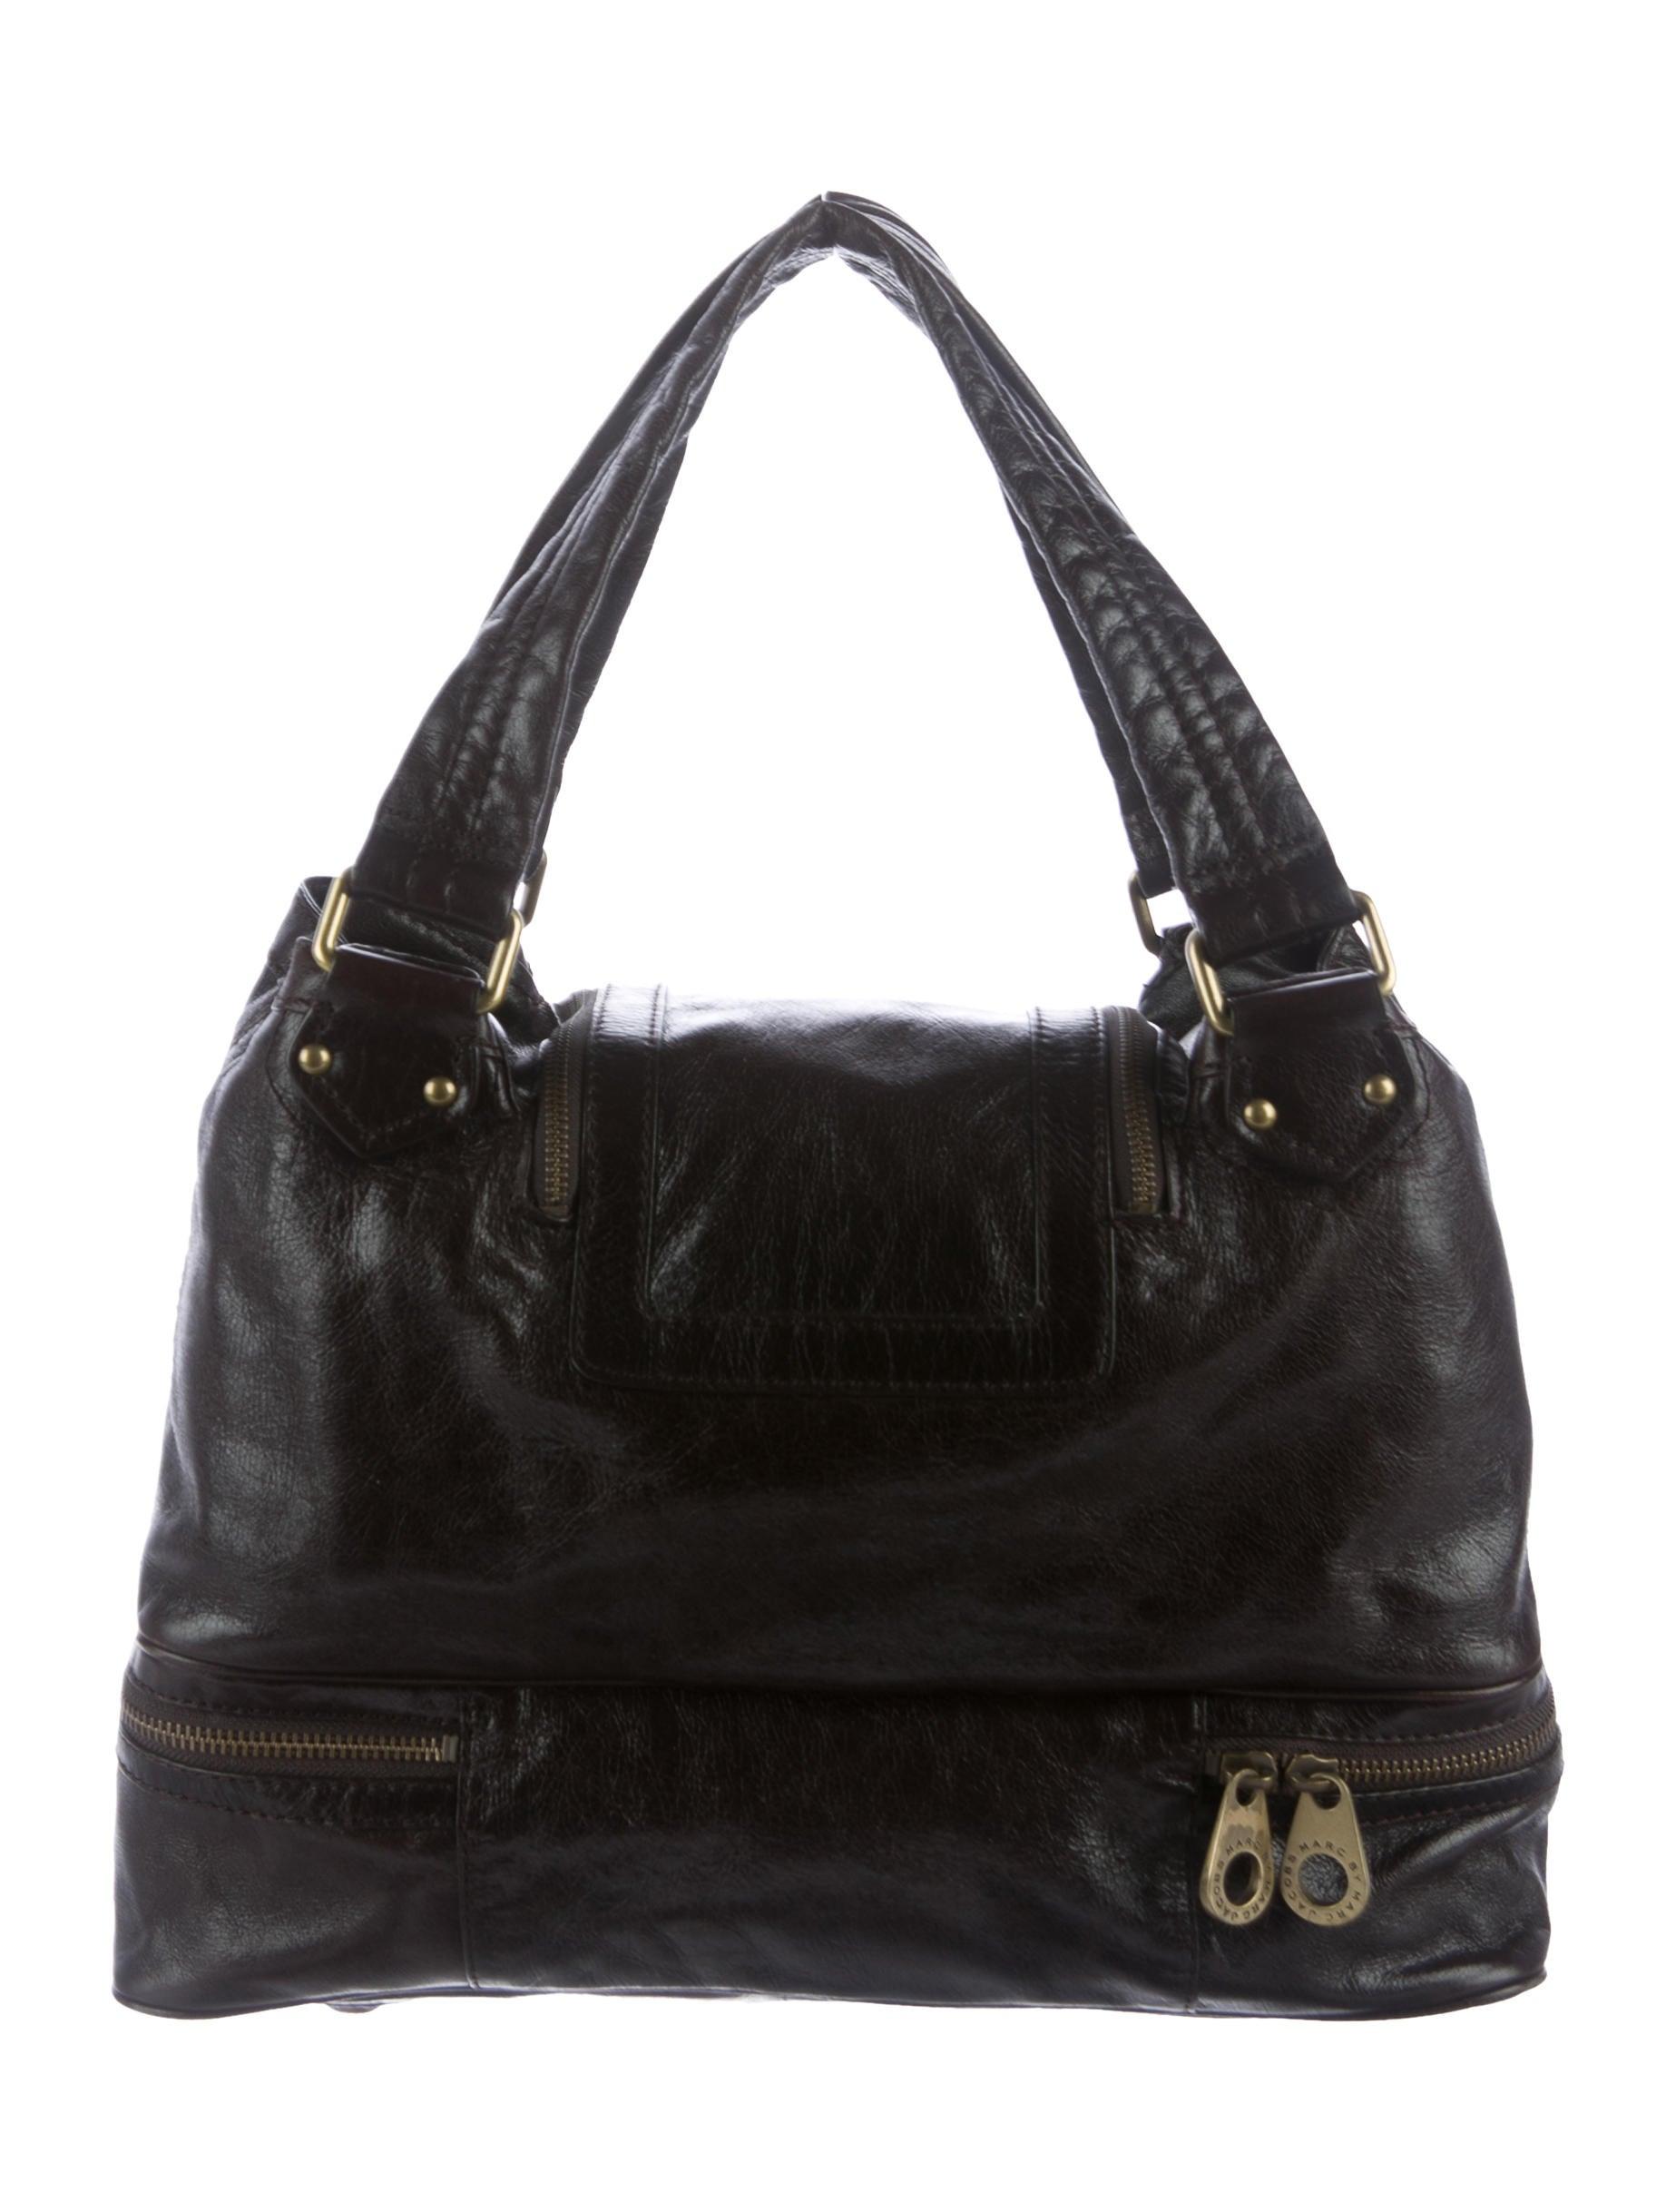 marc by marc jacobs leather turn lock shoulder bag. Black Bedroom Furniture Sets. Home Design Ideas